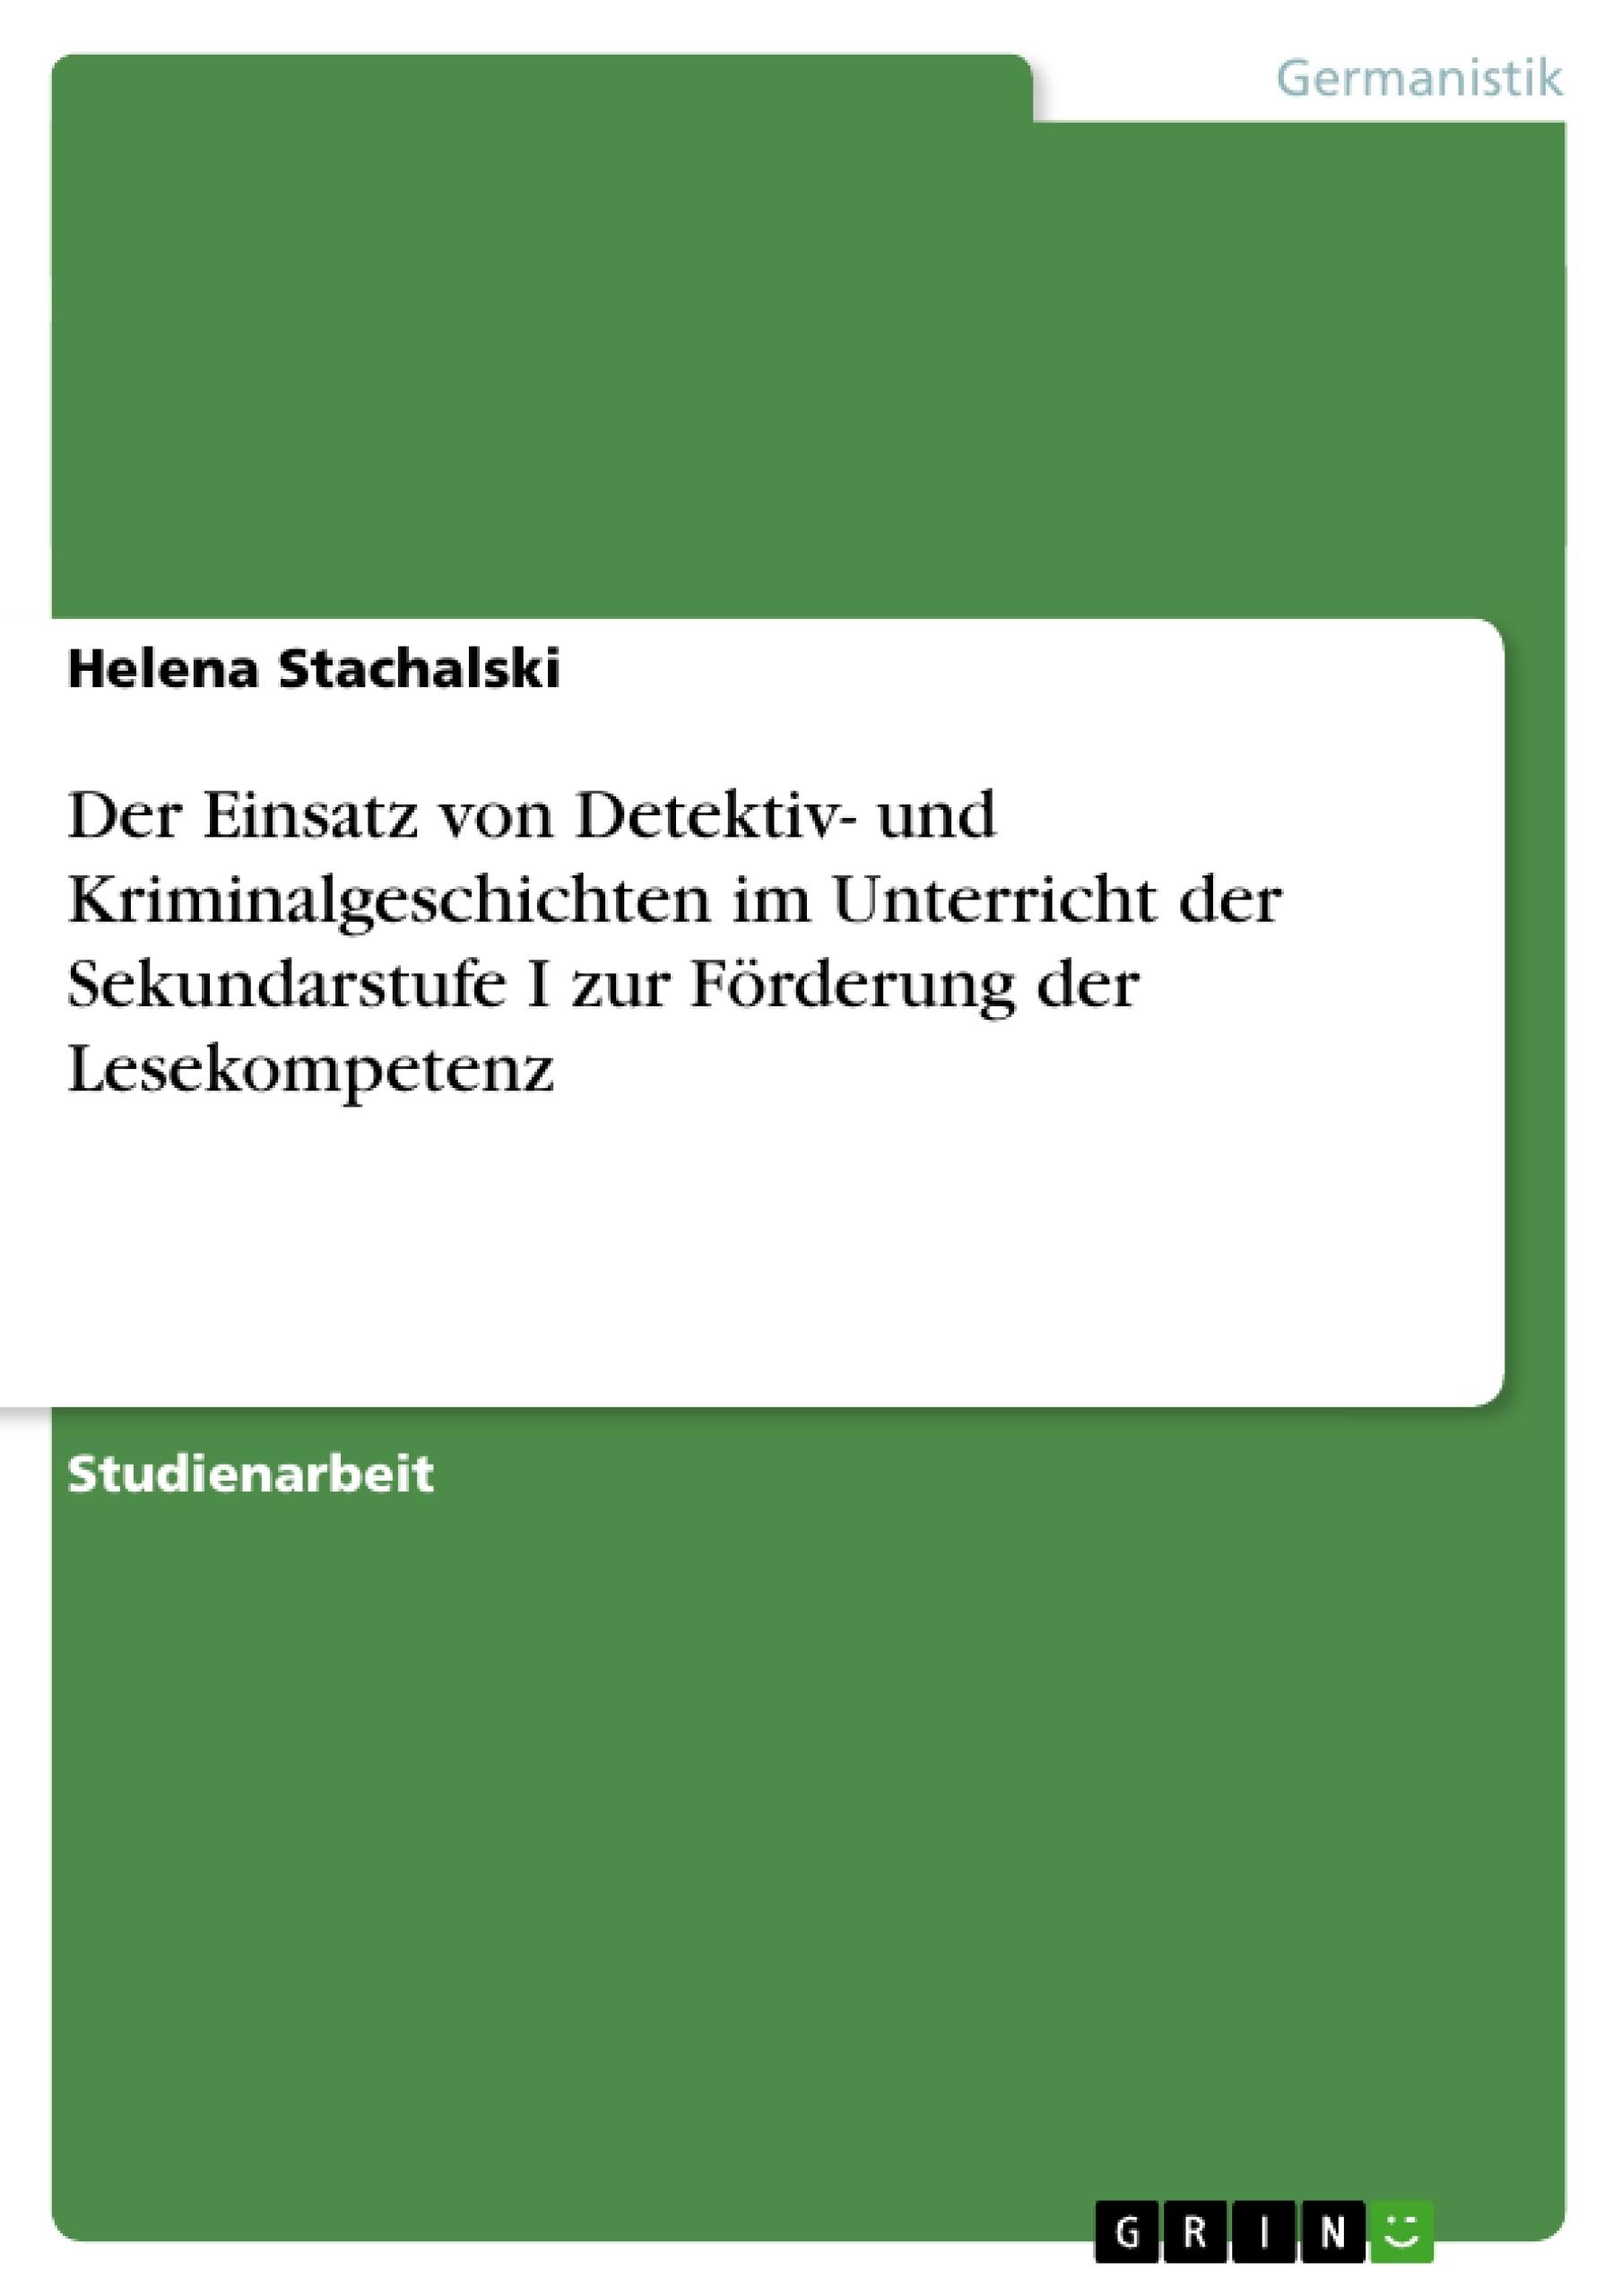 Titel: Der Einsatz von Detektiv- und Kriminalgeschichten im Unterricht der Sekundarstufe I zur Förderung der Lesekompetenz